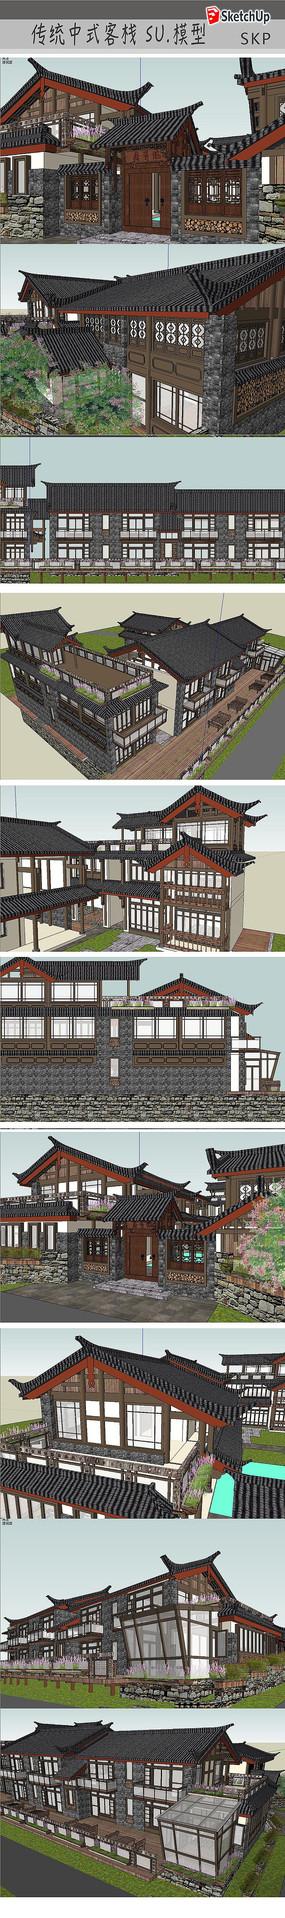 古仿客栈建筑设计